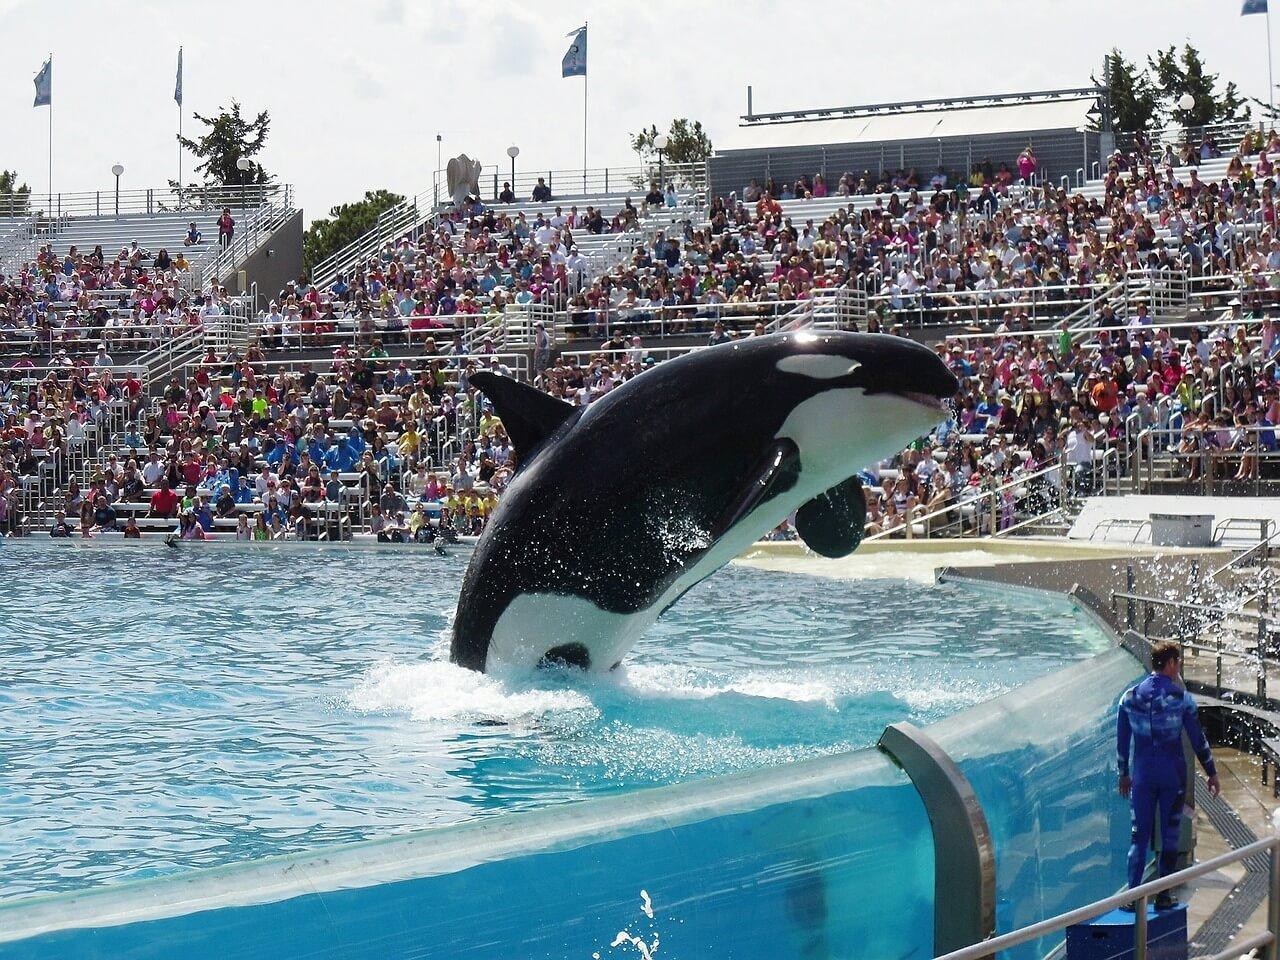 SeaWorld beëindigd fokprogramma's voor orka's  – maar niet snel genoeg